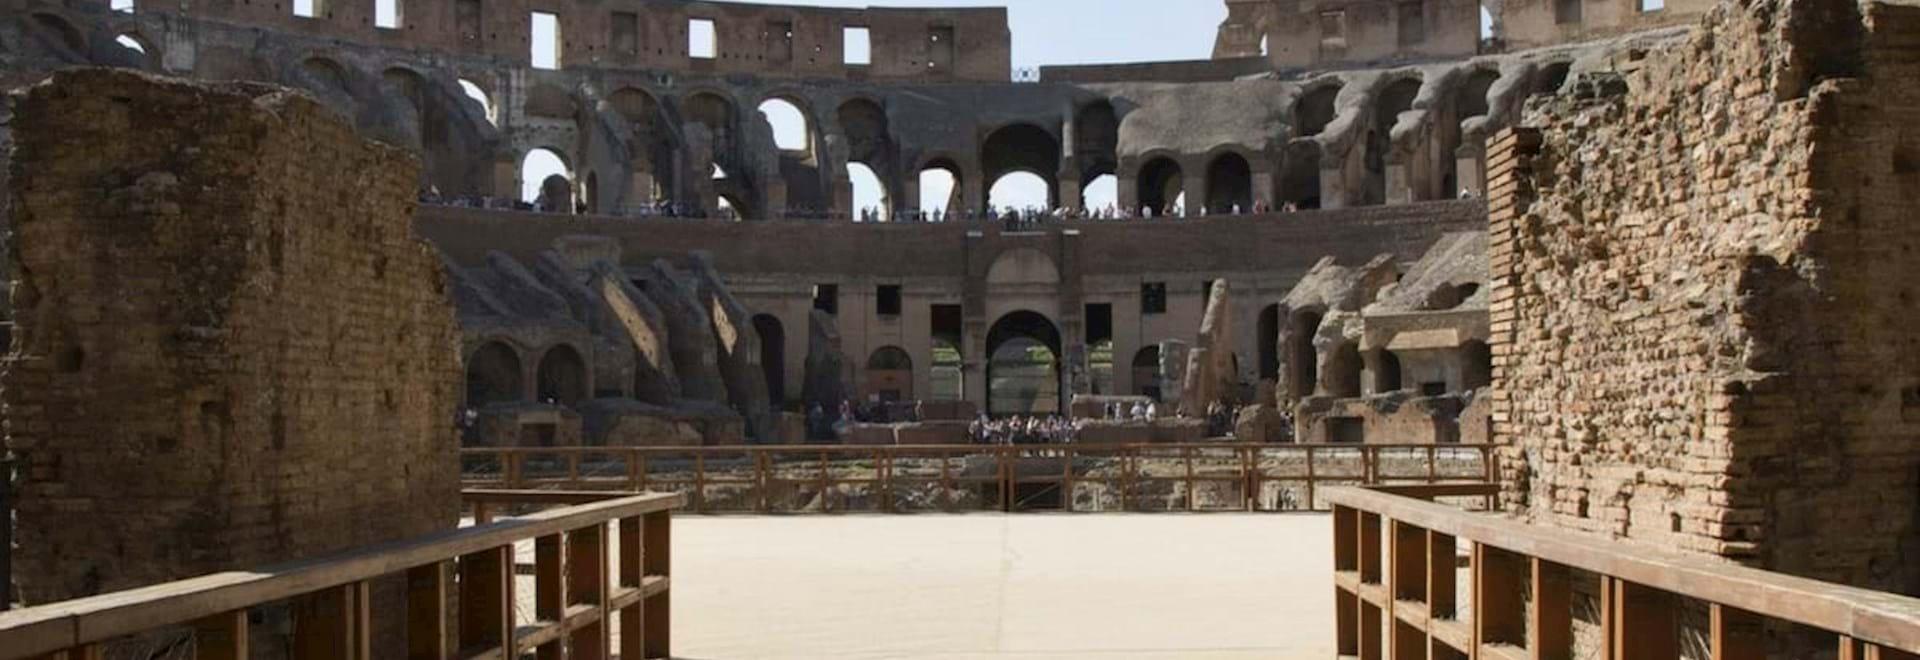 Arena Colosseum Express